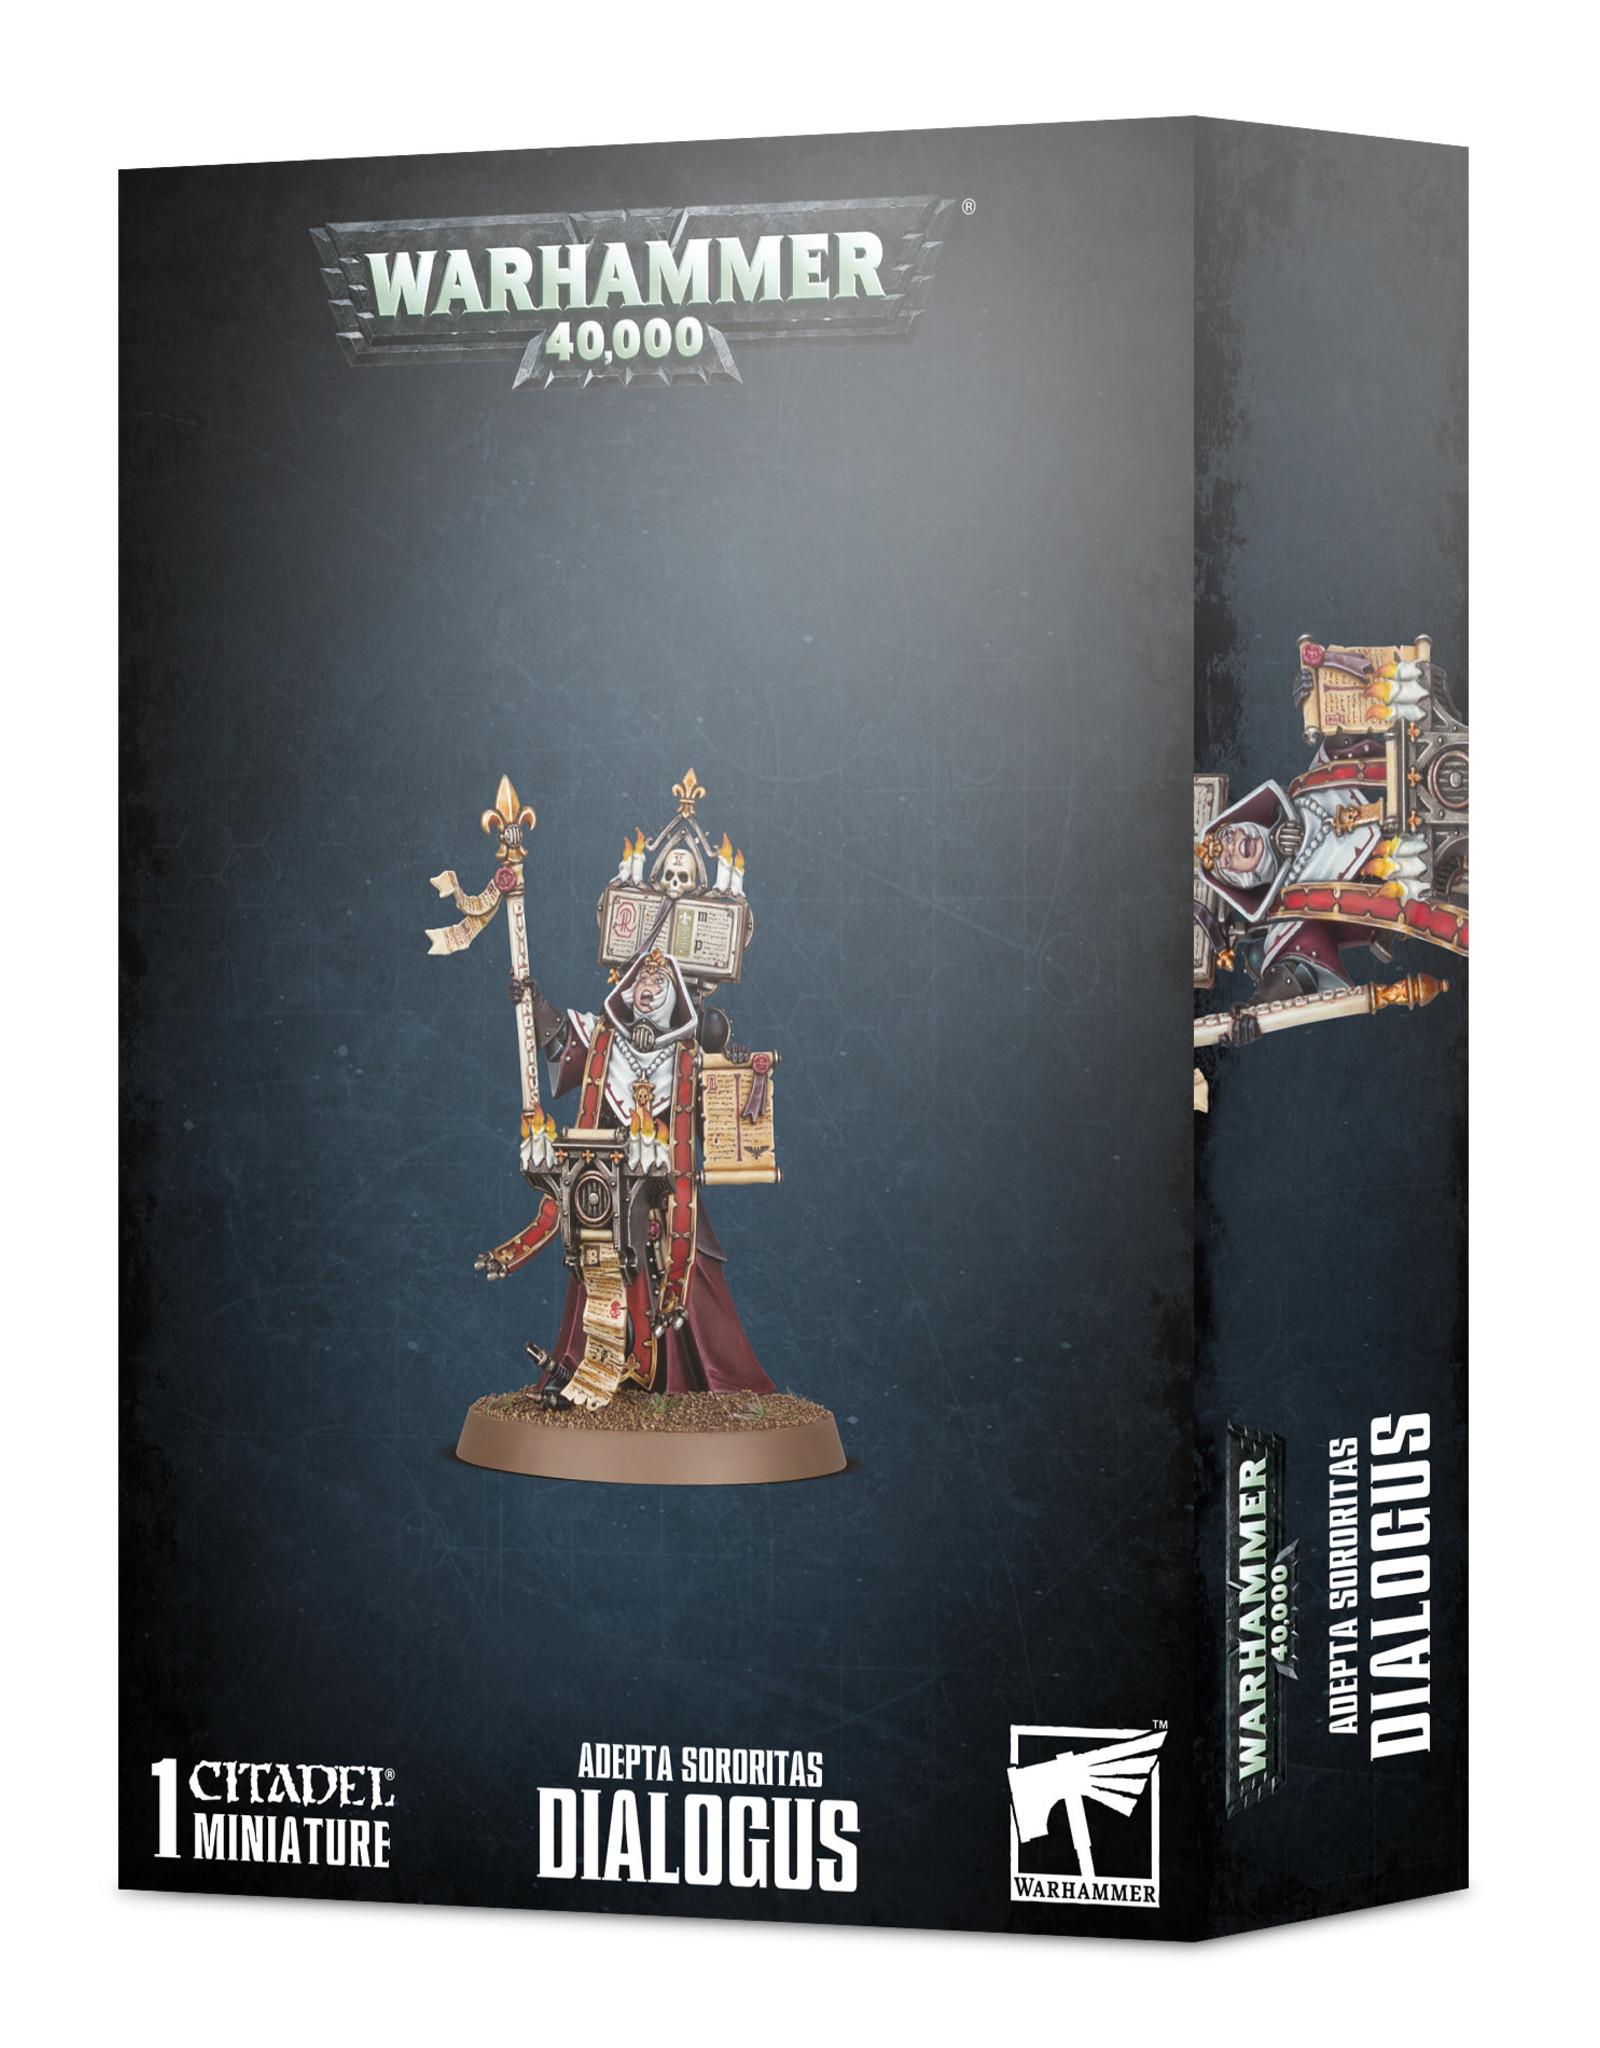 Warhammer 40K Adepta Sororitas Dialogus